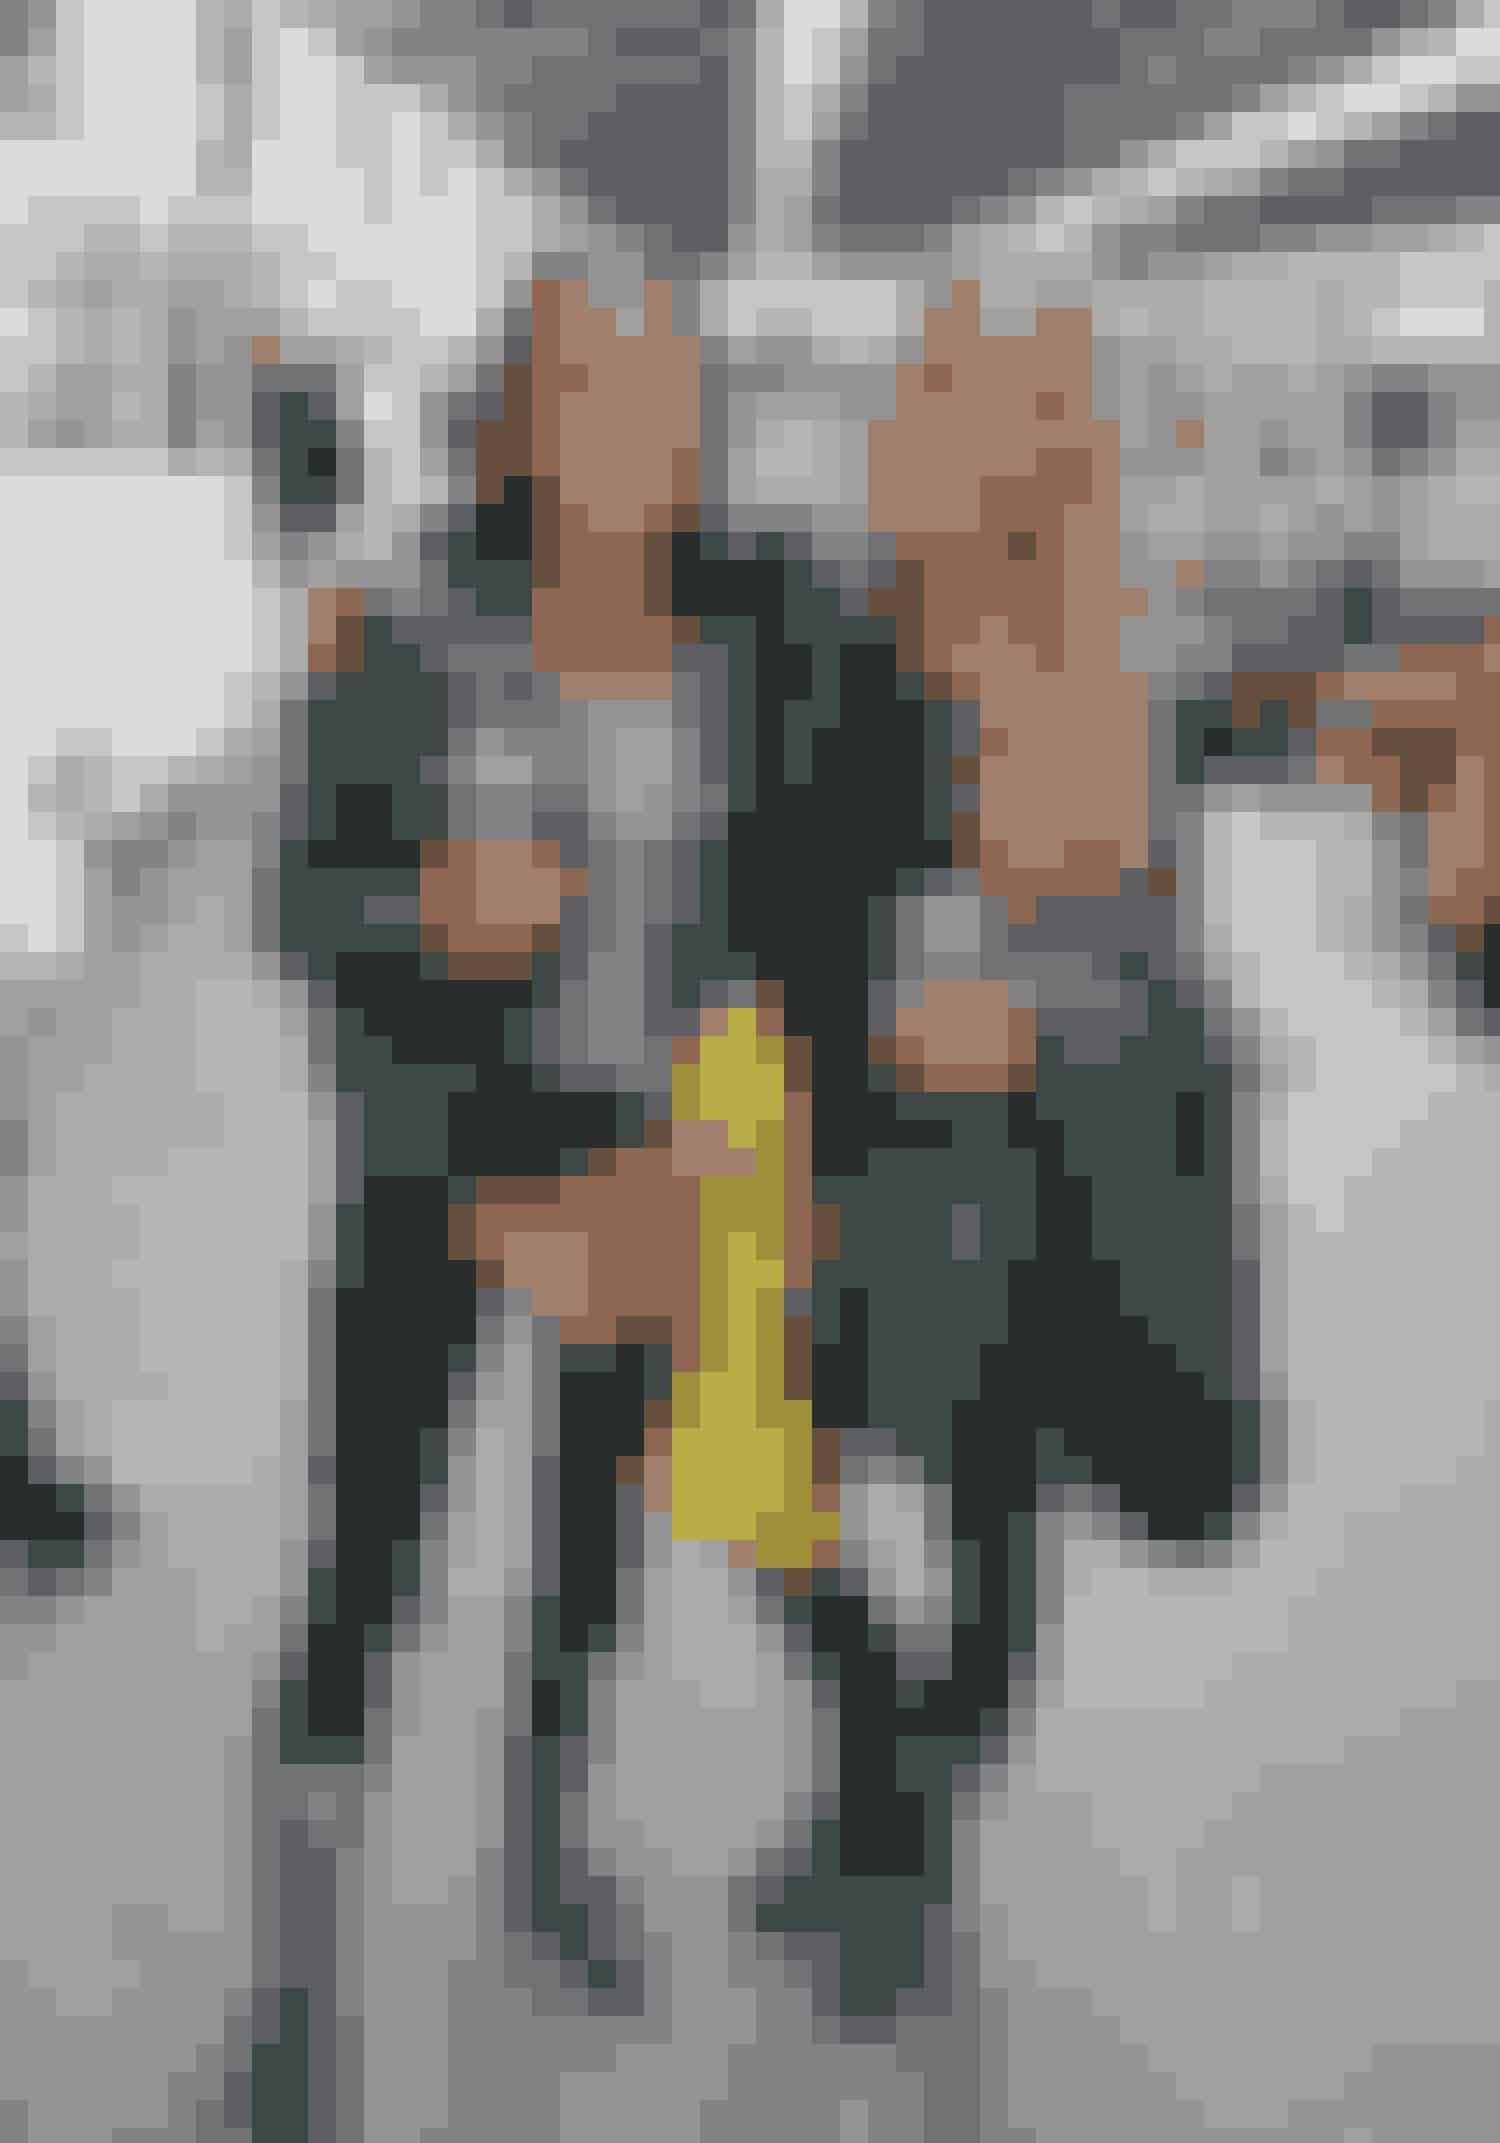 """Kusinerne Line Thilde 25, Simone 25Grøn jakke Danefæ, gul Rains regnjakke""""Gi den gas - hav altid regnjakke, gummistøvler og skiundertøj med"""""""